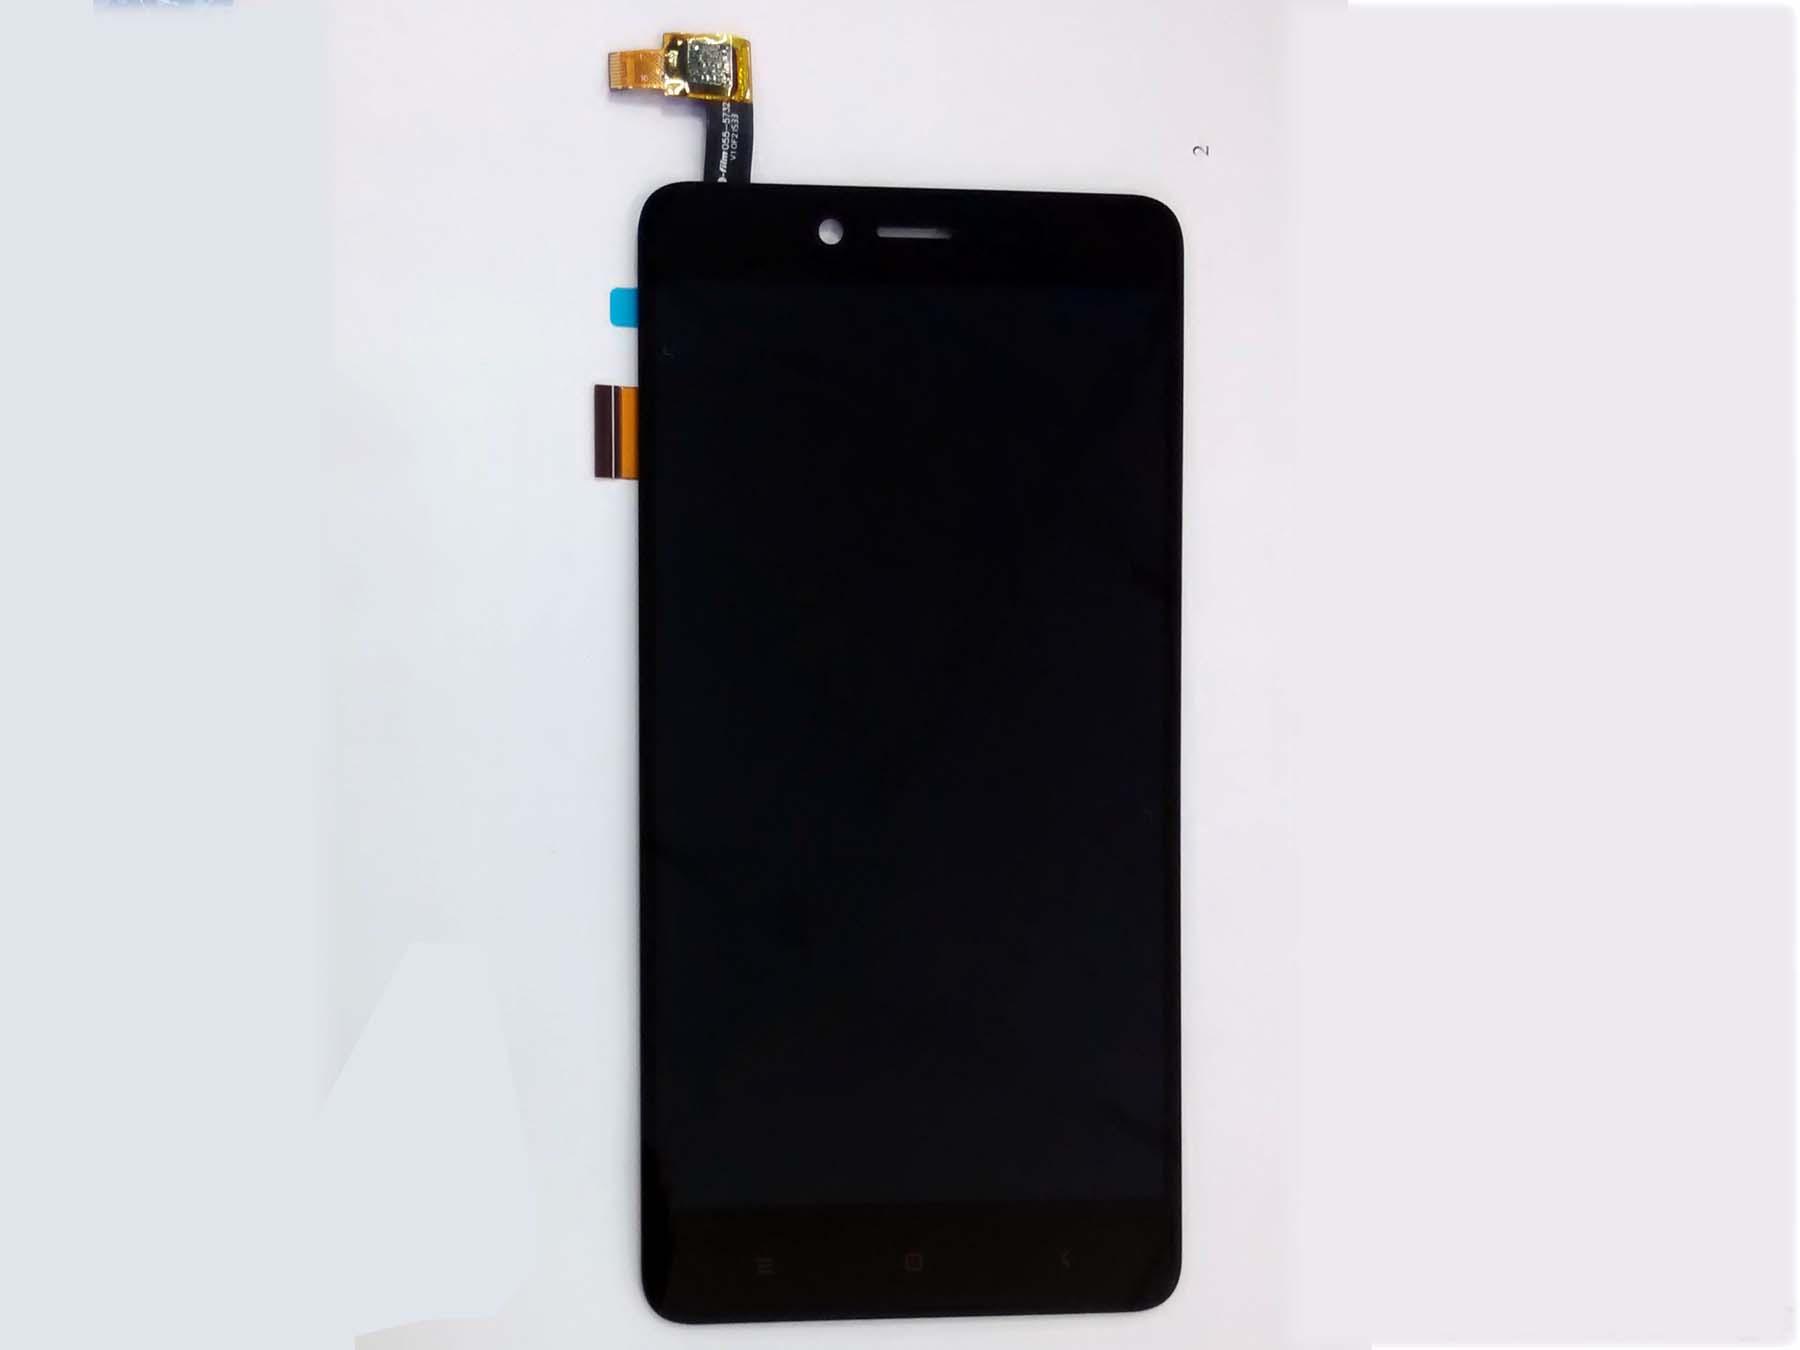 ΟΘΟΝΗ LCD ΓΙΑ XIAOMI REDMI NOTE 2 BLK